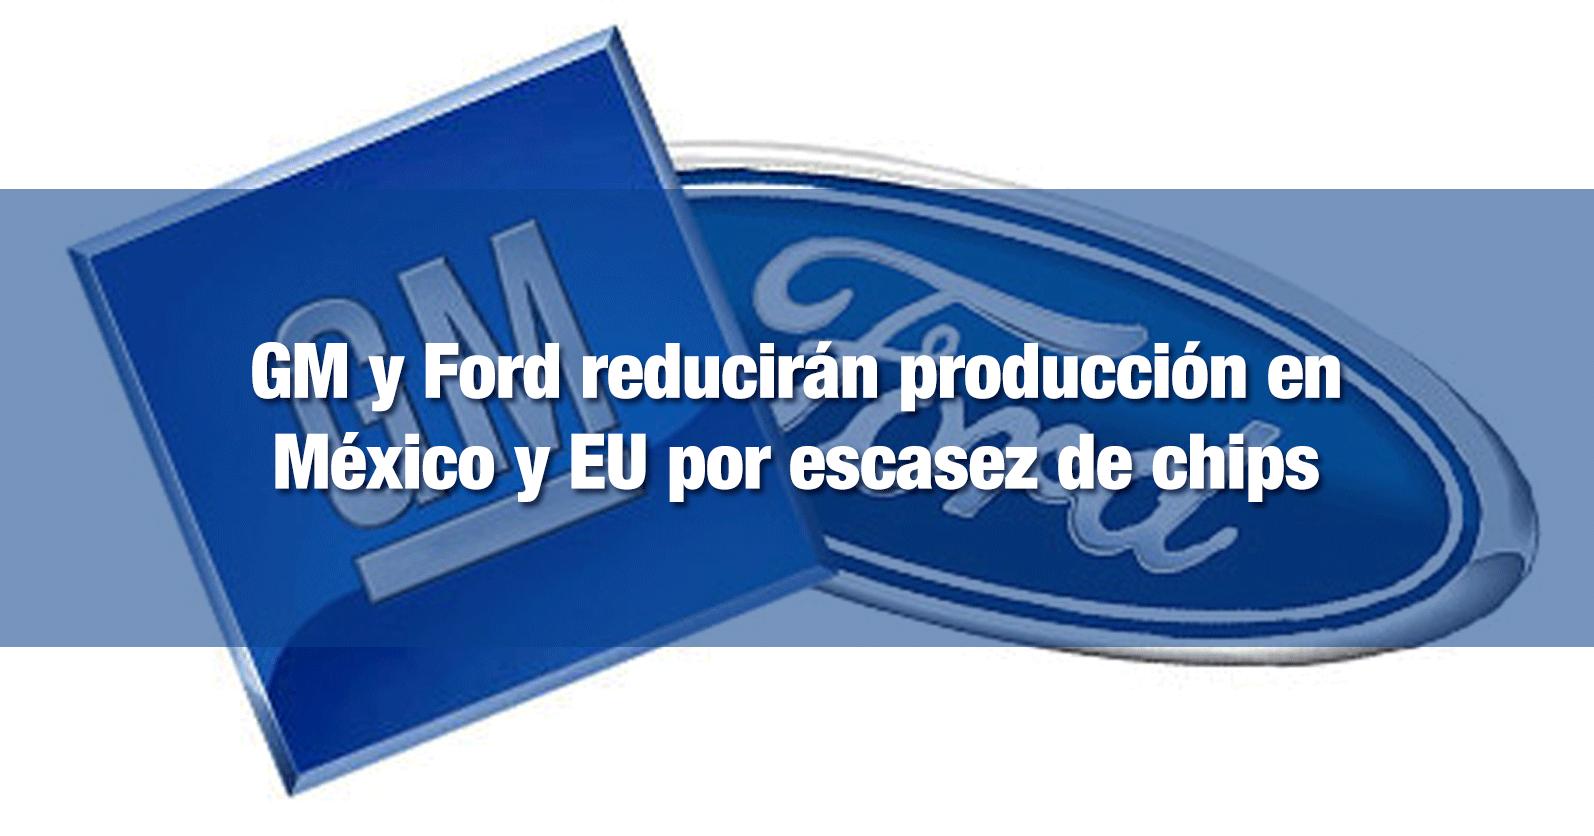 GM y Ford reducirán producción en México y EU por escasez de chips